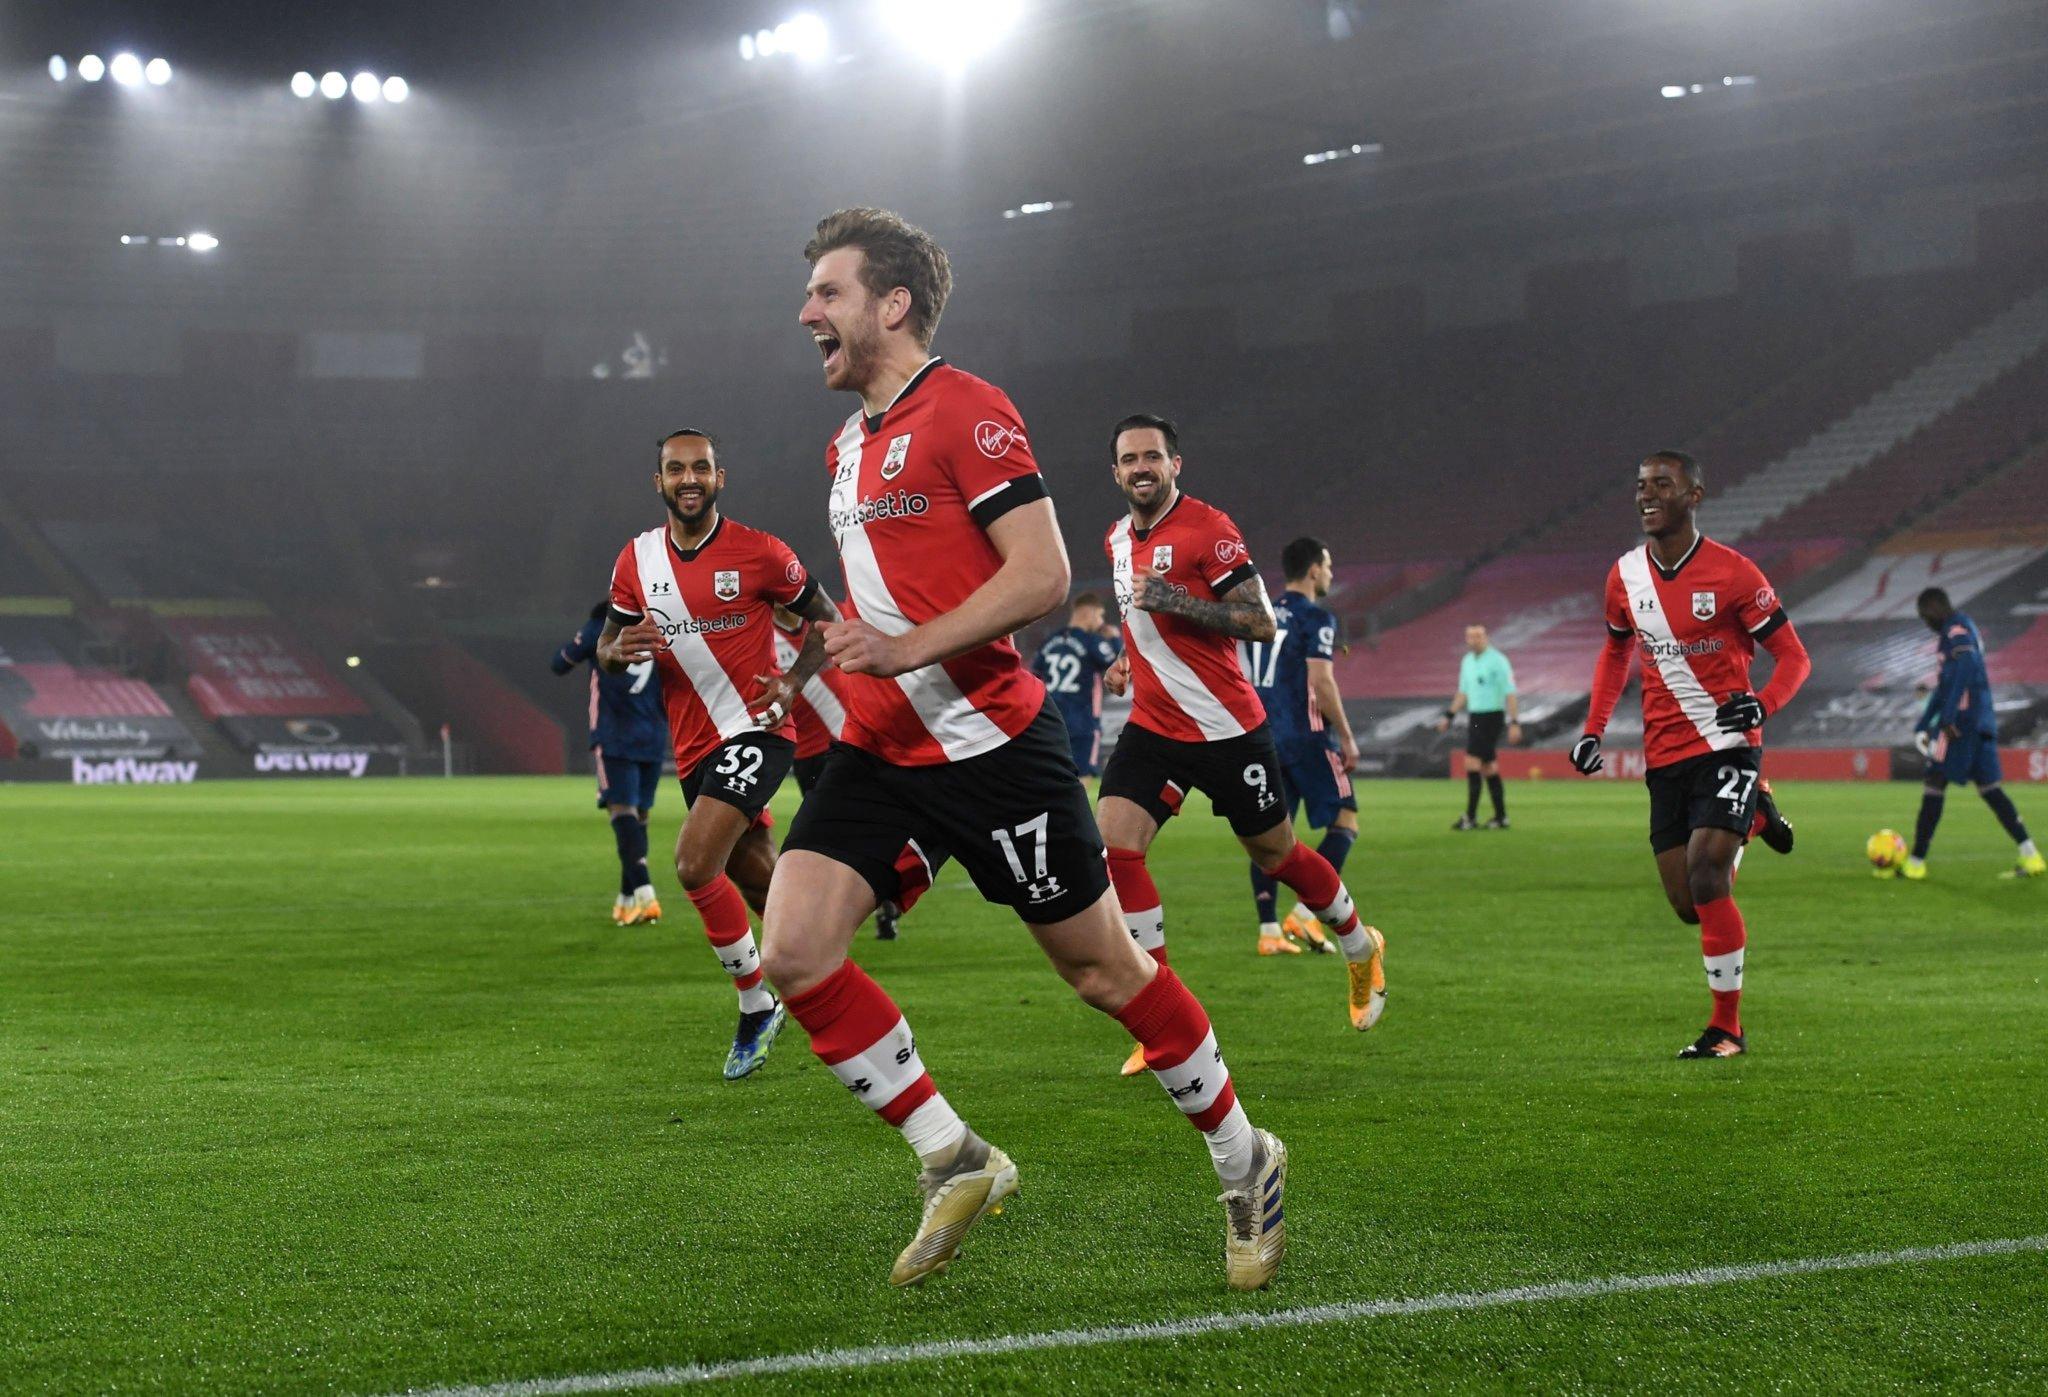 Саутгемптон - Арсенал 1:3 Месть может быть и горячей - изображение 1